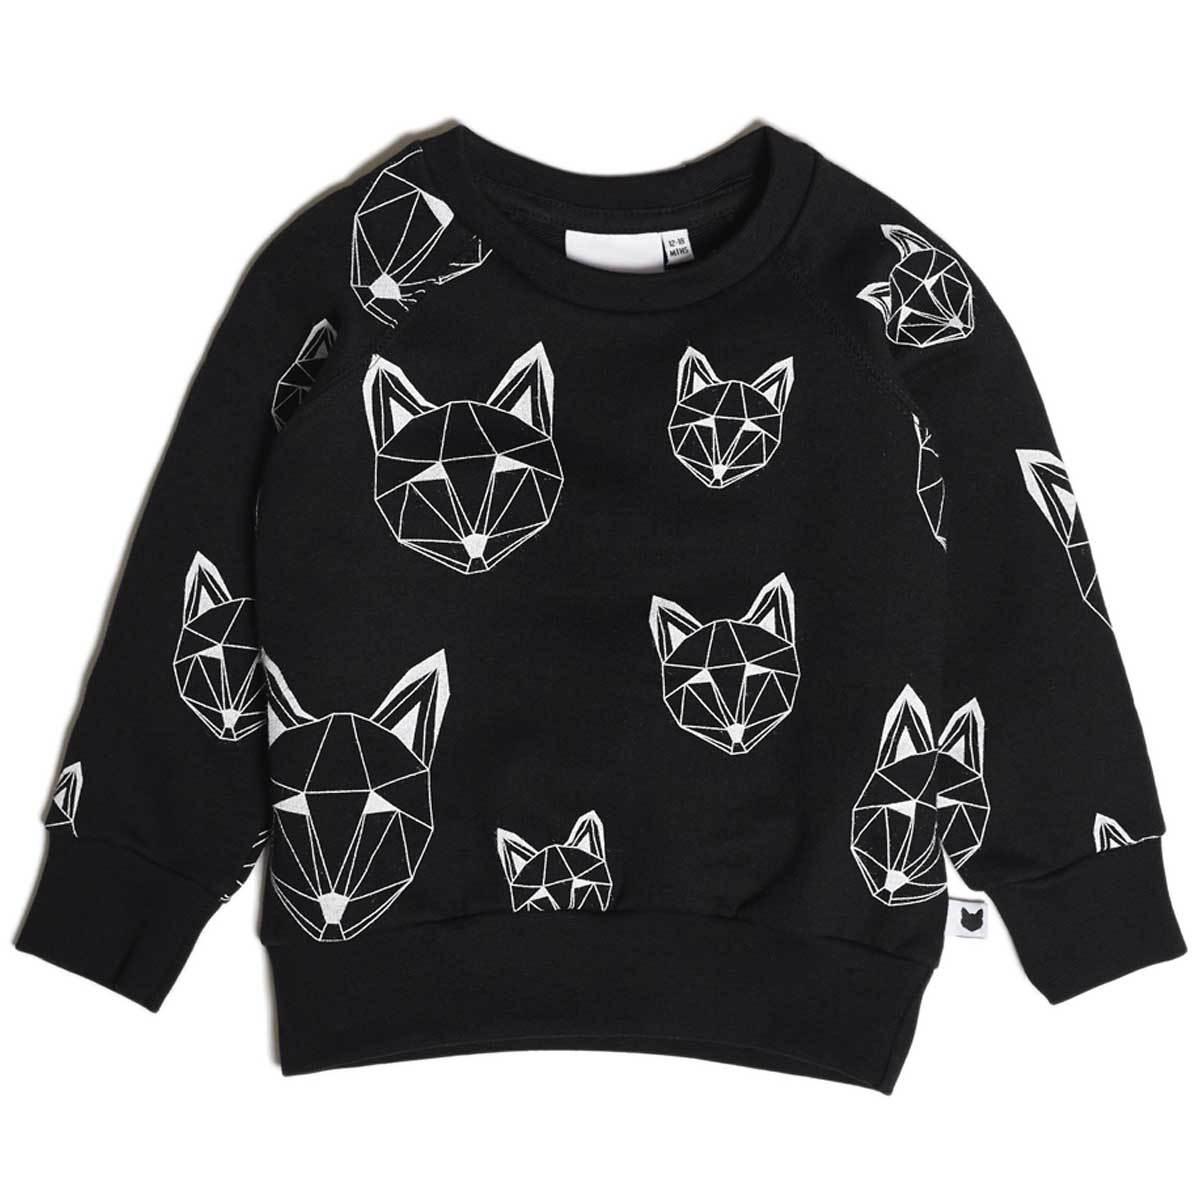 Hauts bébé Sweatshirt Just Call Me Fox - 3/4 ans Sweatshirt Just Call Me Fox - 3/4 ans